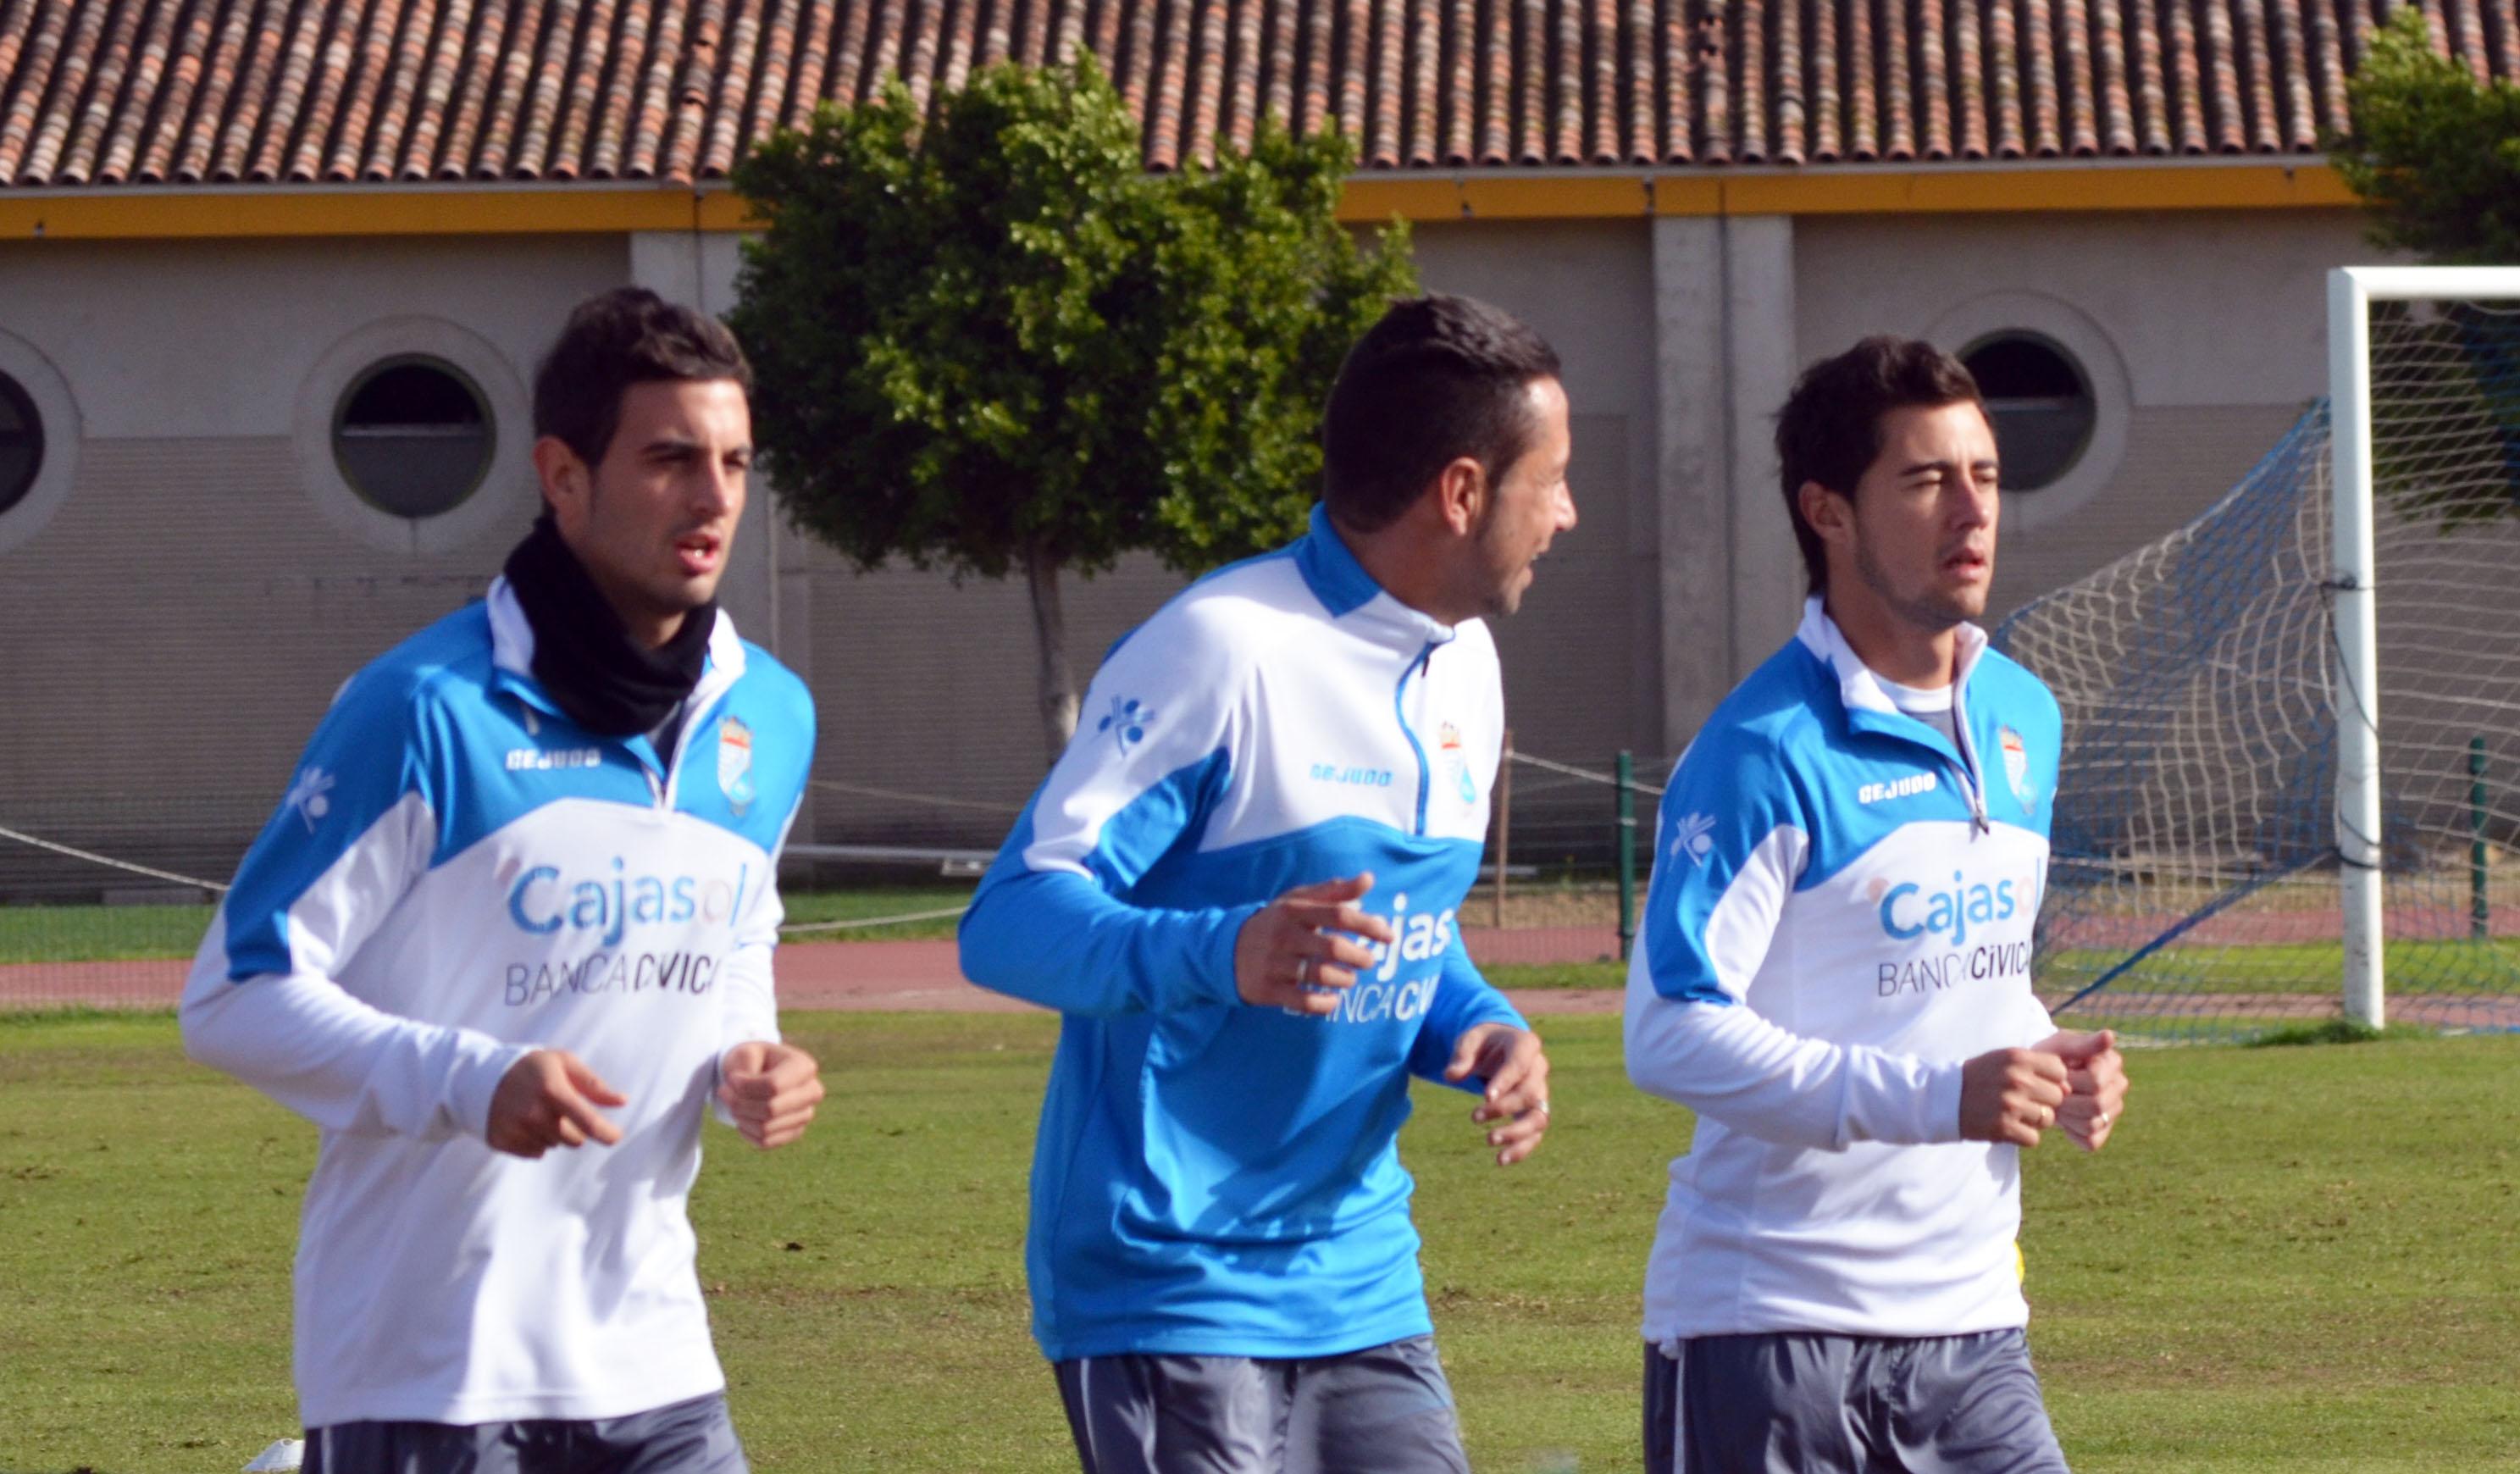 José Mari espera estar disponible para jugar contra el Córdoba